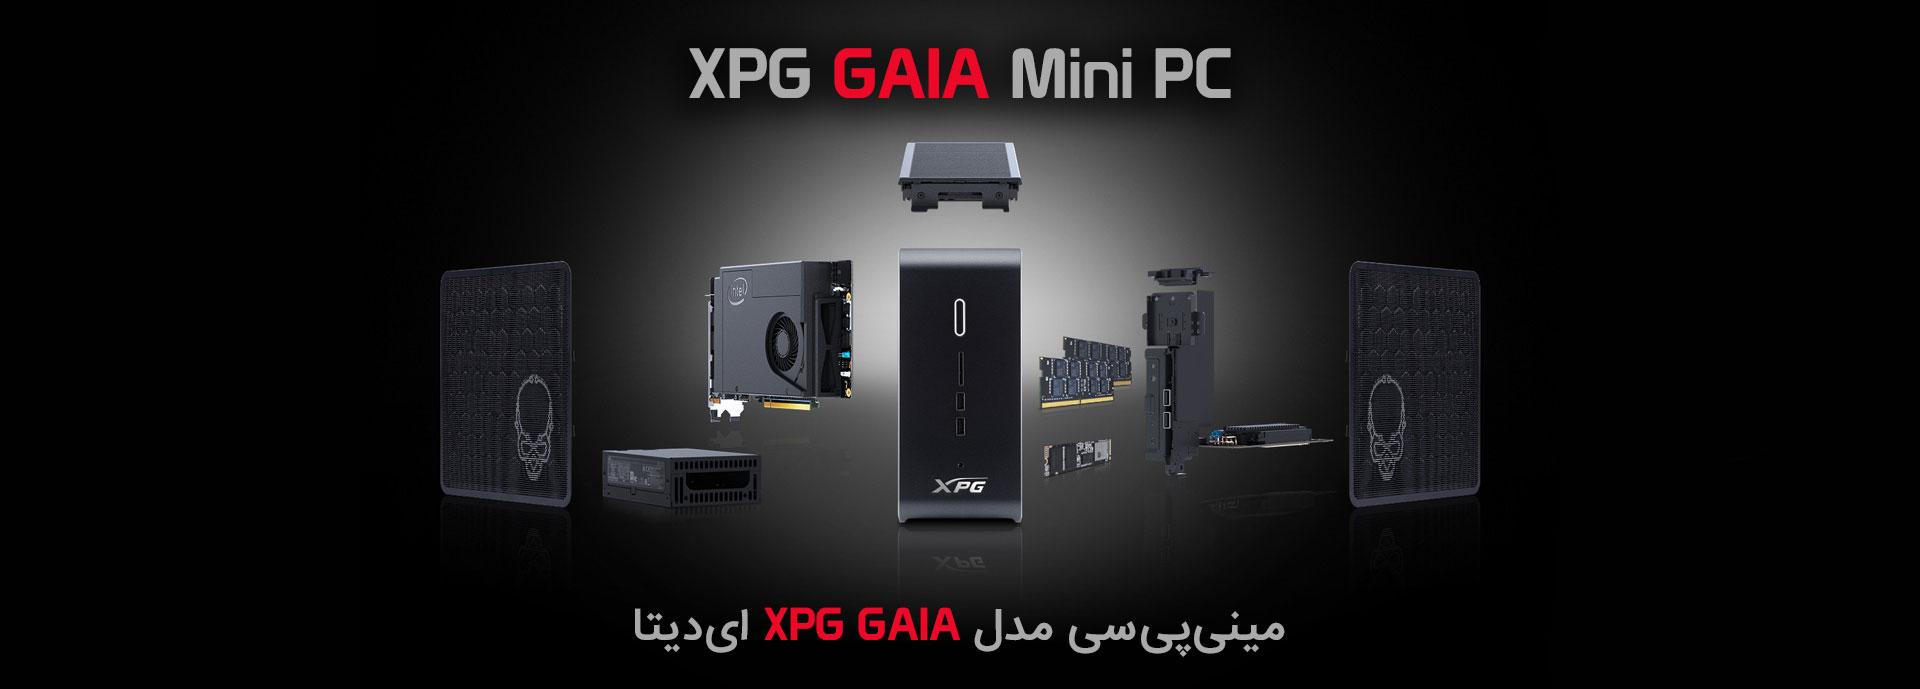 مینی پی سی مدل XPG GAIA ای دیتا